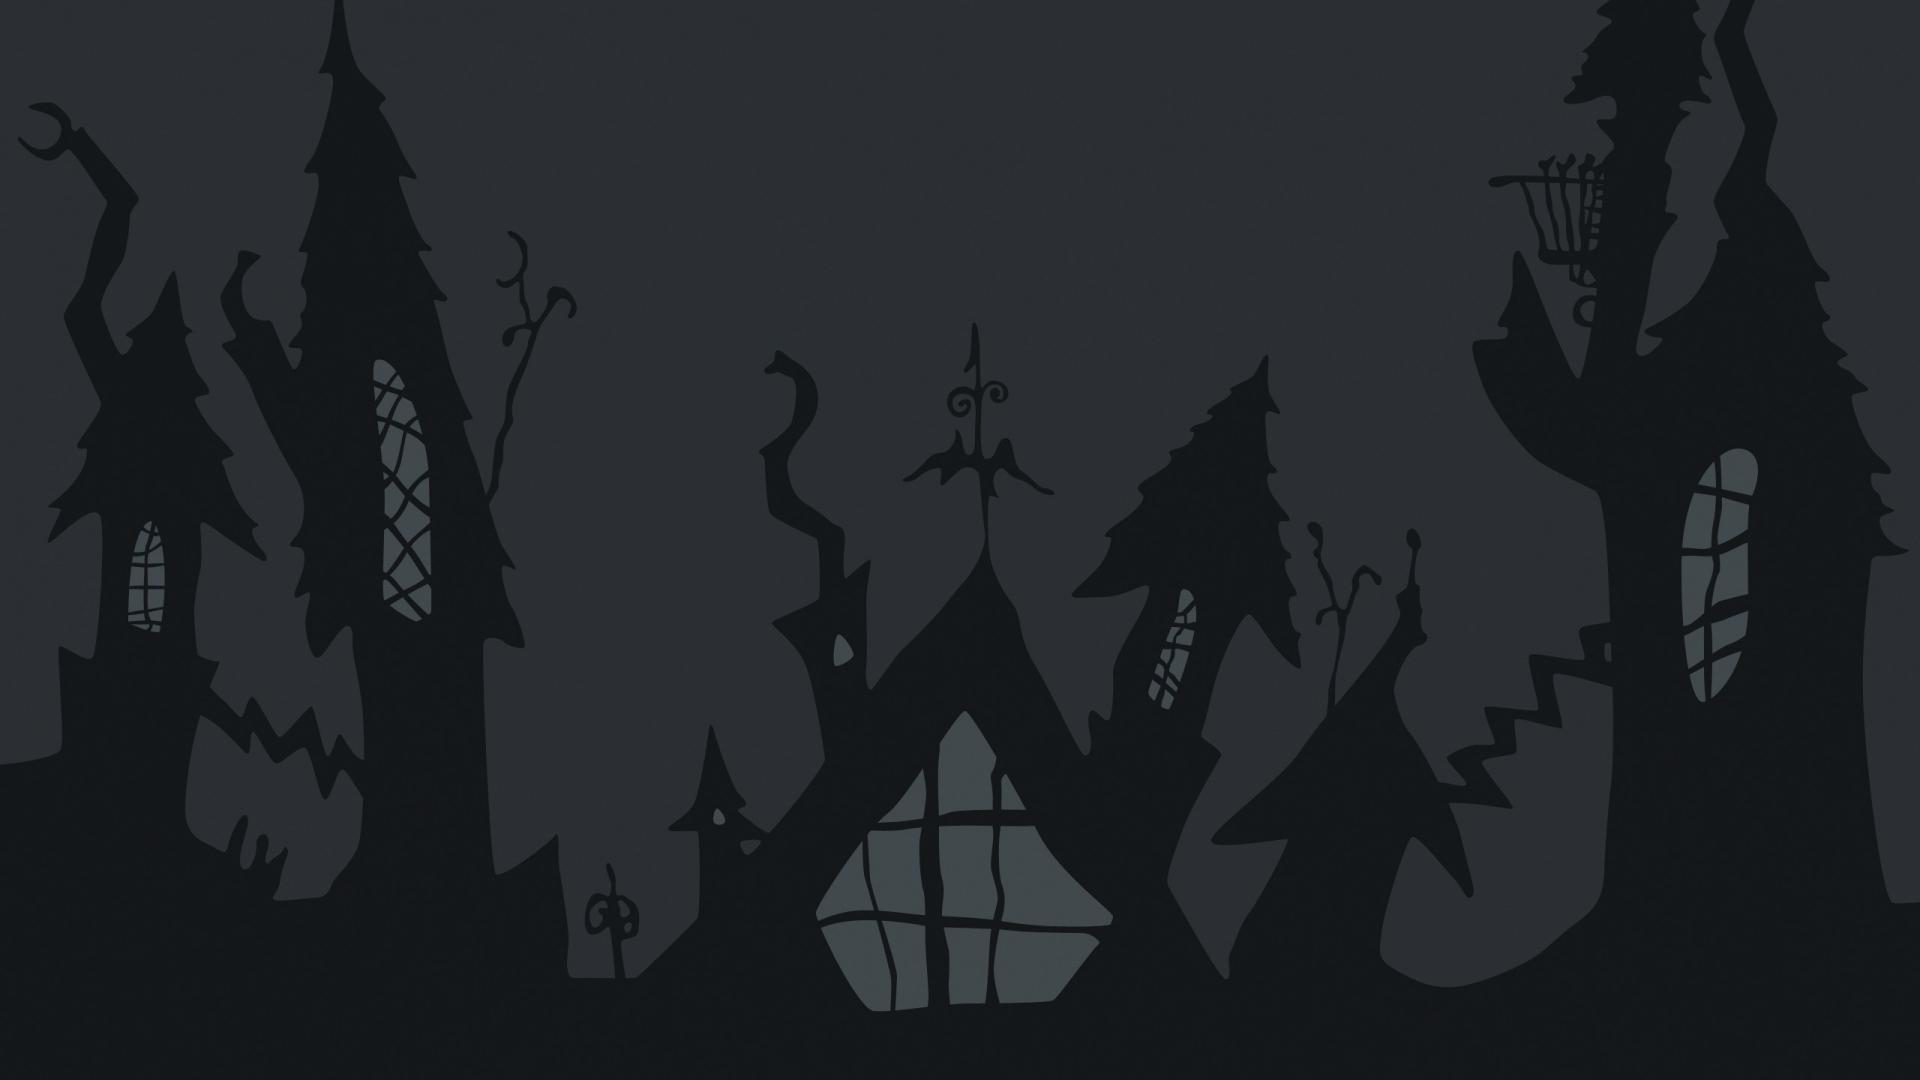 Castillo de noche de brujas - 1920x1080